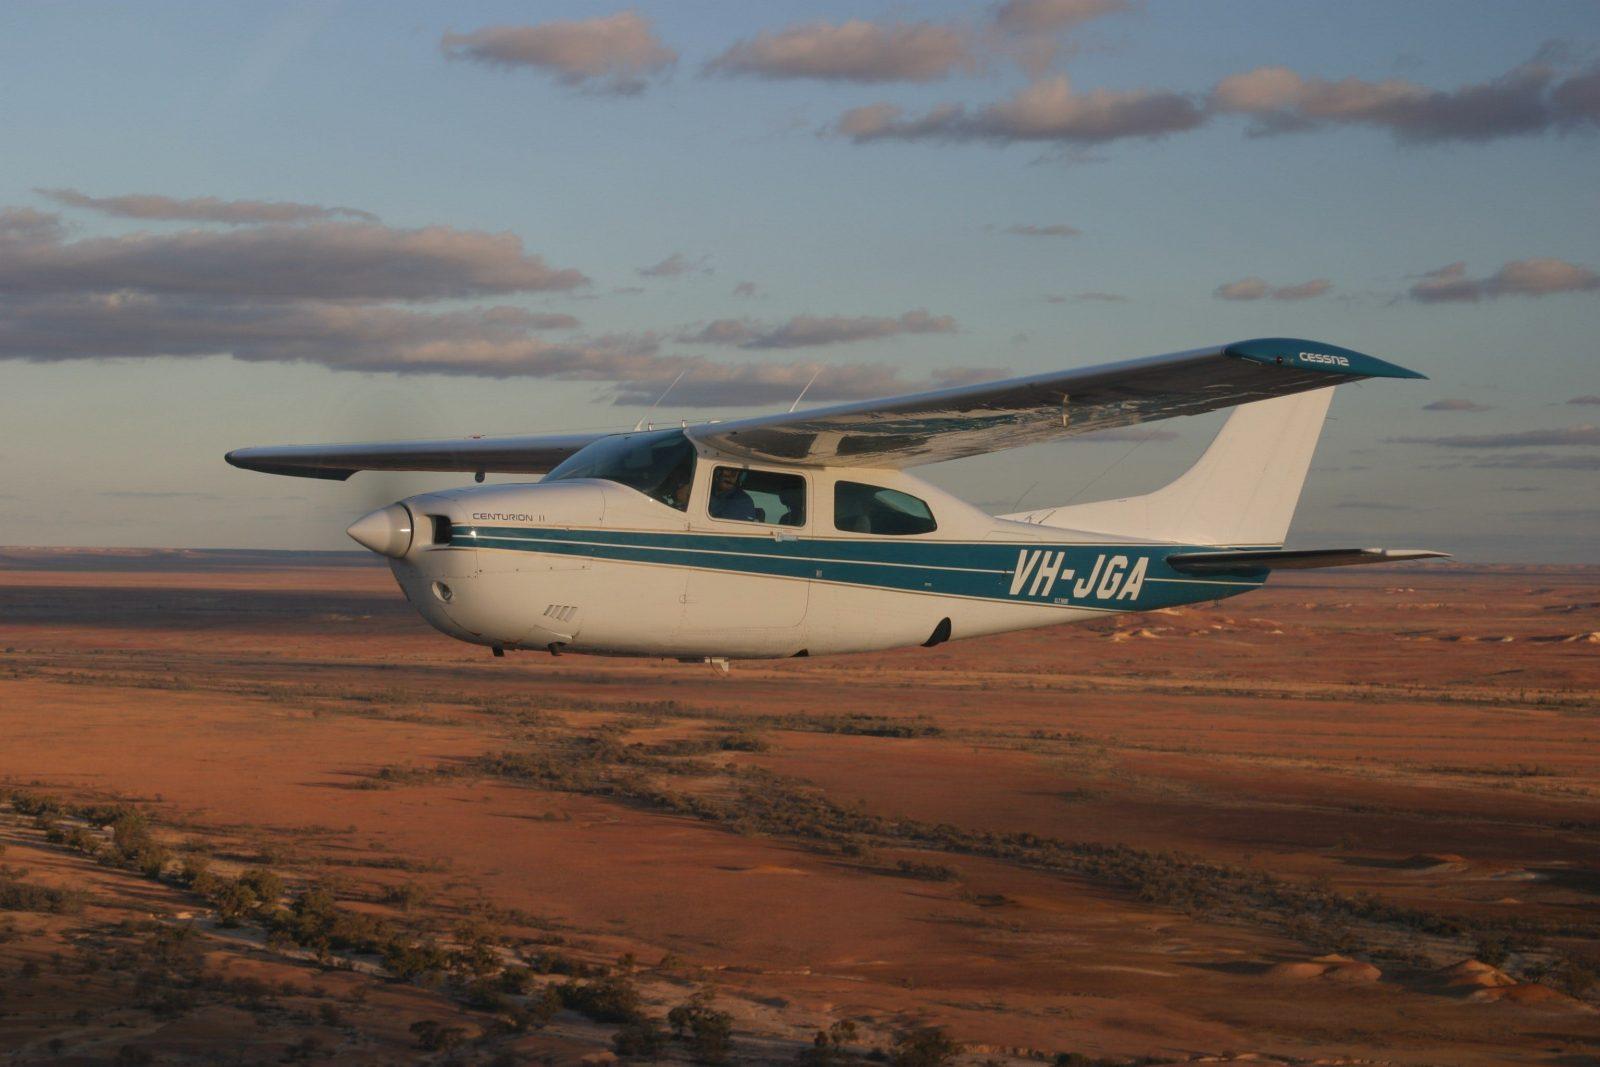 Flight over the desert